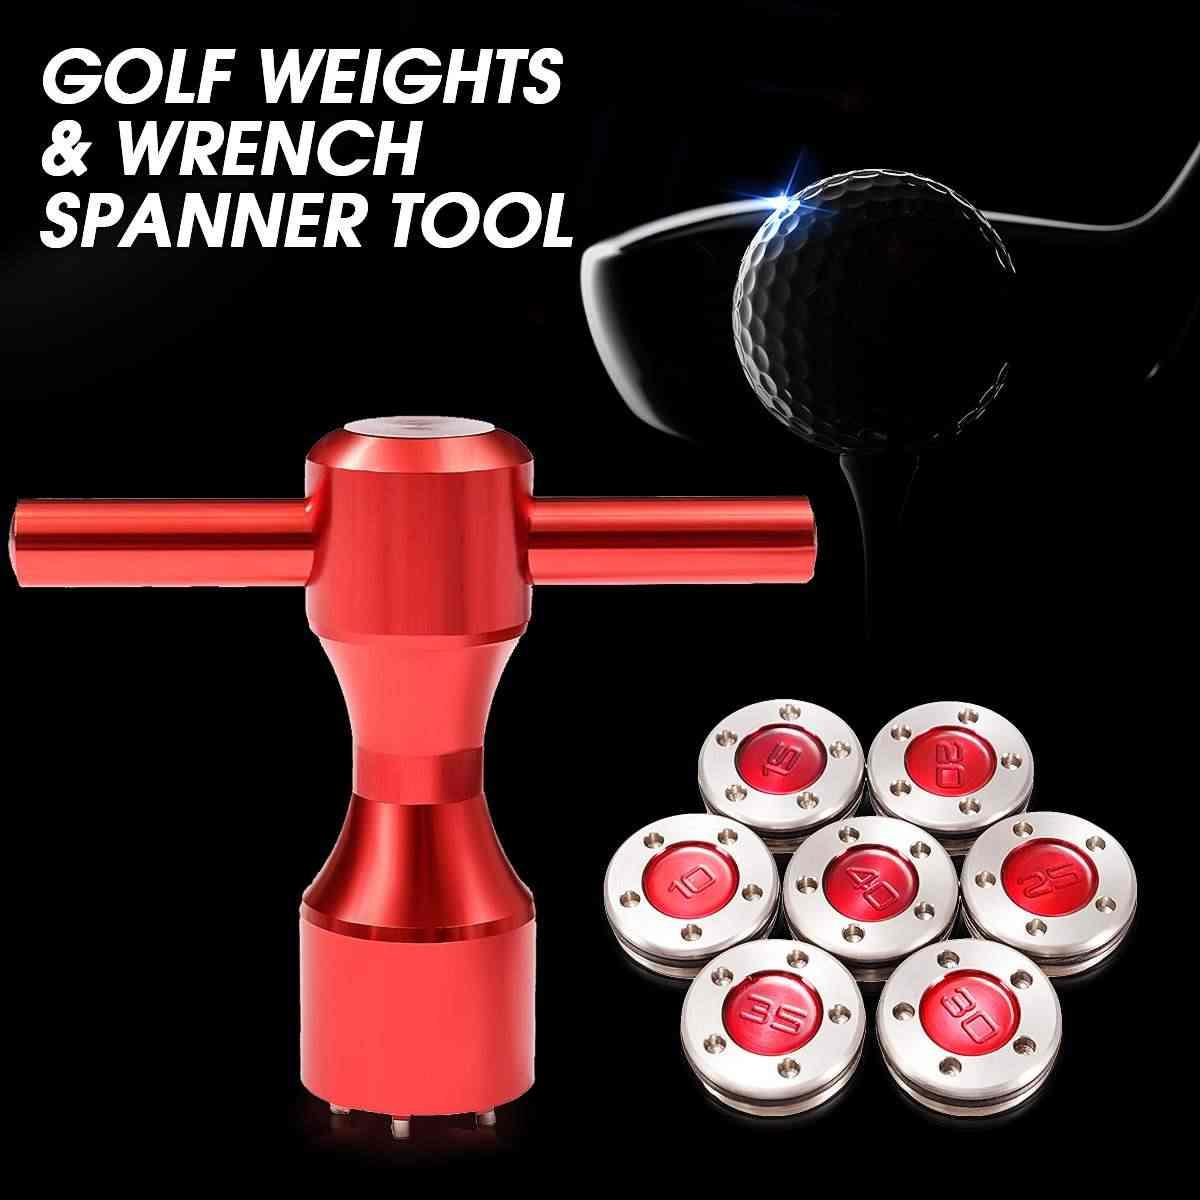 2 Pcs עבור Titleist-סקוטי-מתנהלים קמרון אדום גולף משקולות + ברגים ברגי כלי 10g/15 g/20g/25g/30g/35g/40g כולל גומי טבעות